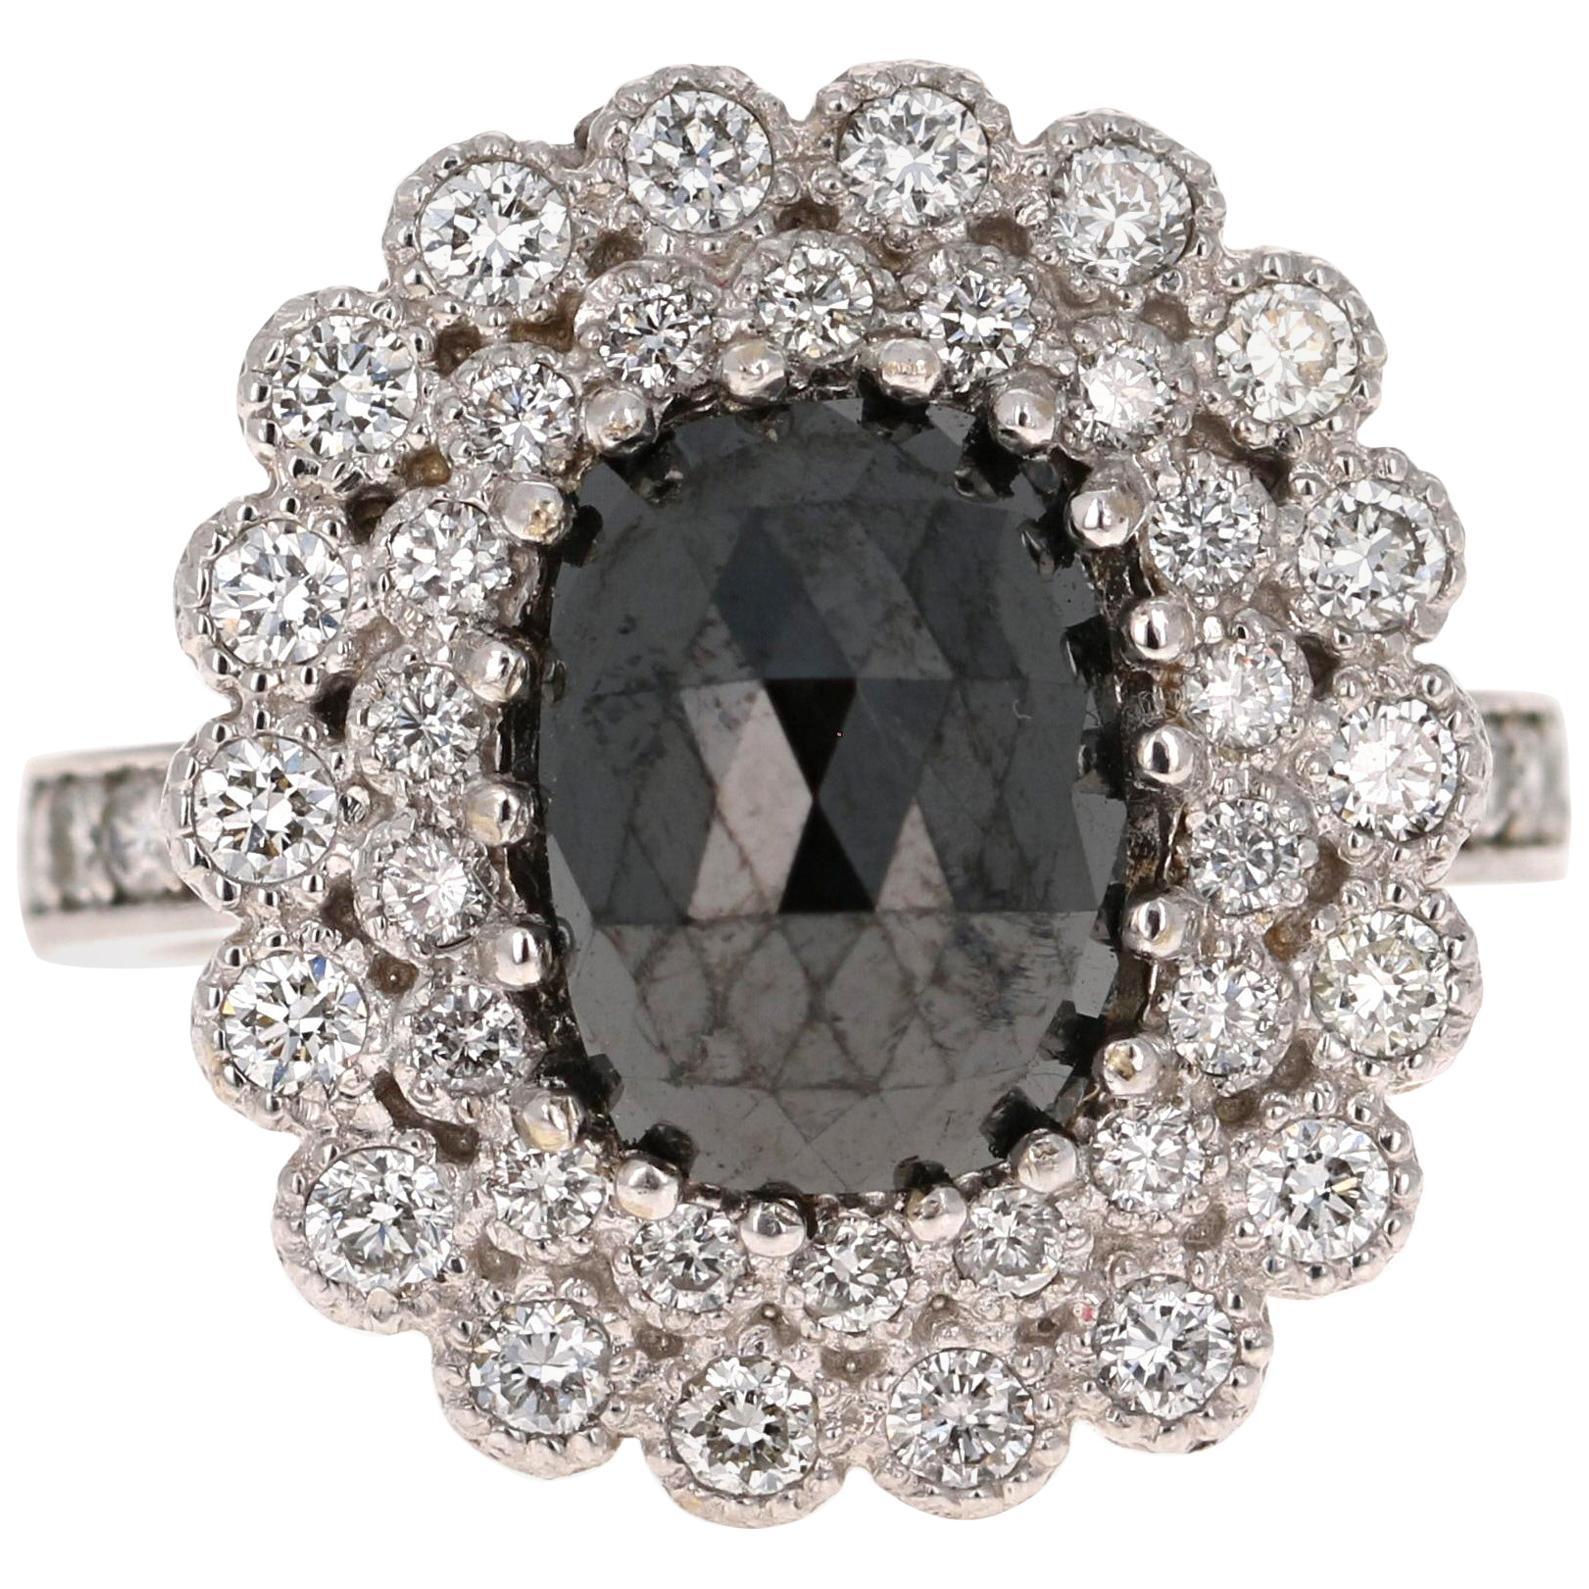 4.46 Carat Oval Cut Black Diamond 14 Karat White Gold Engagement Ring